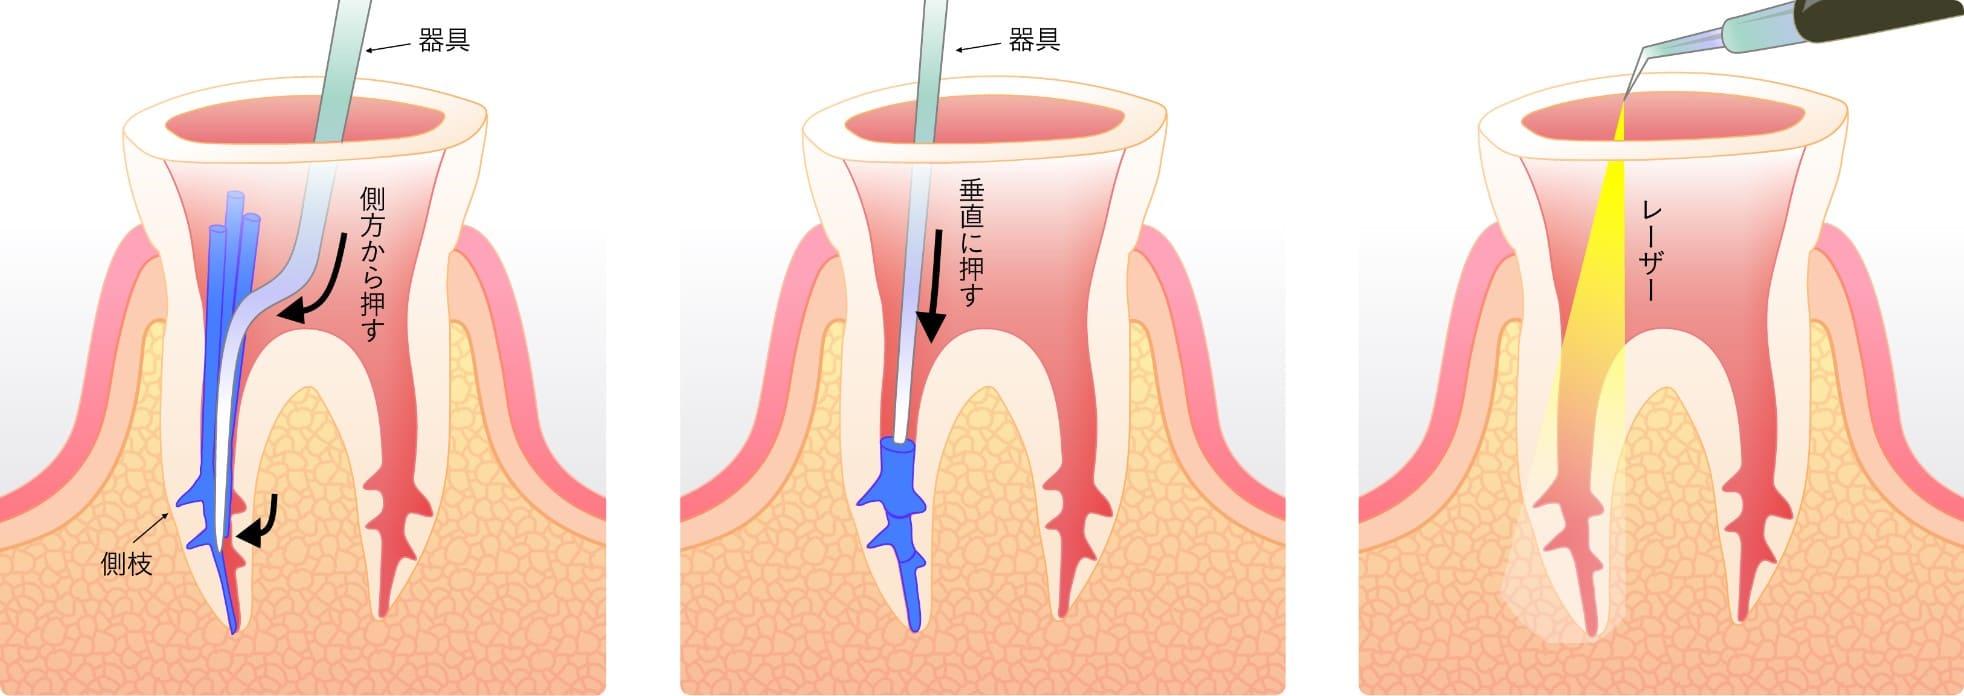 当院で行う根管治療には『垂直加圧充填(バーチカル)』や『側方加圧充填(ラテラル)』の他、レーザー治療があります。